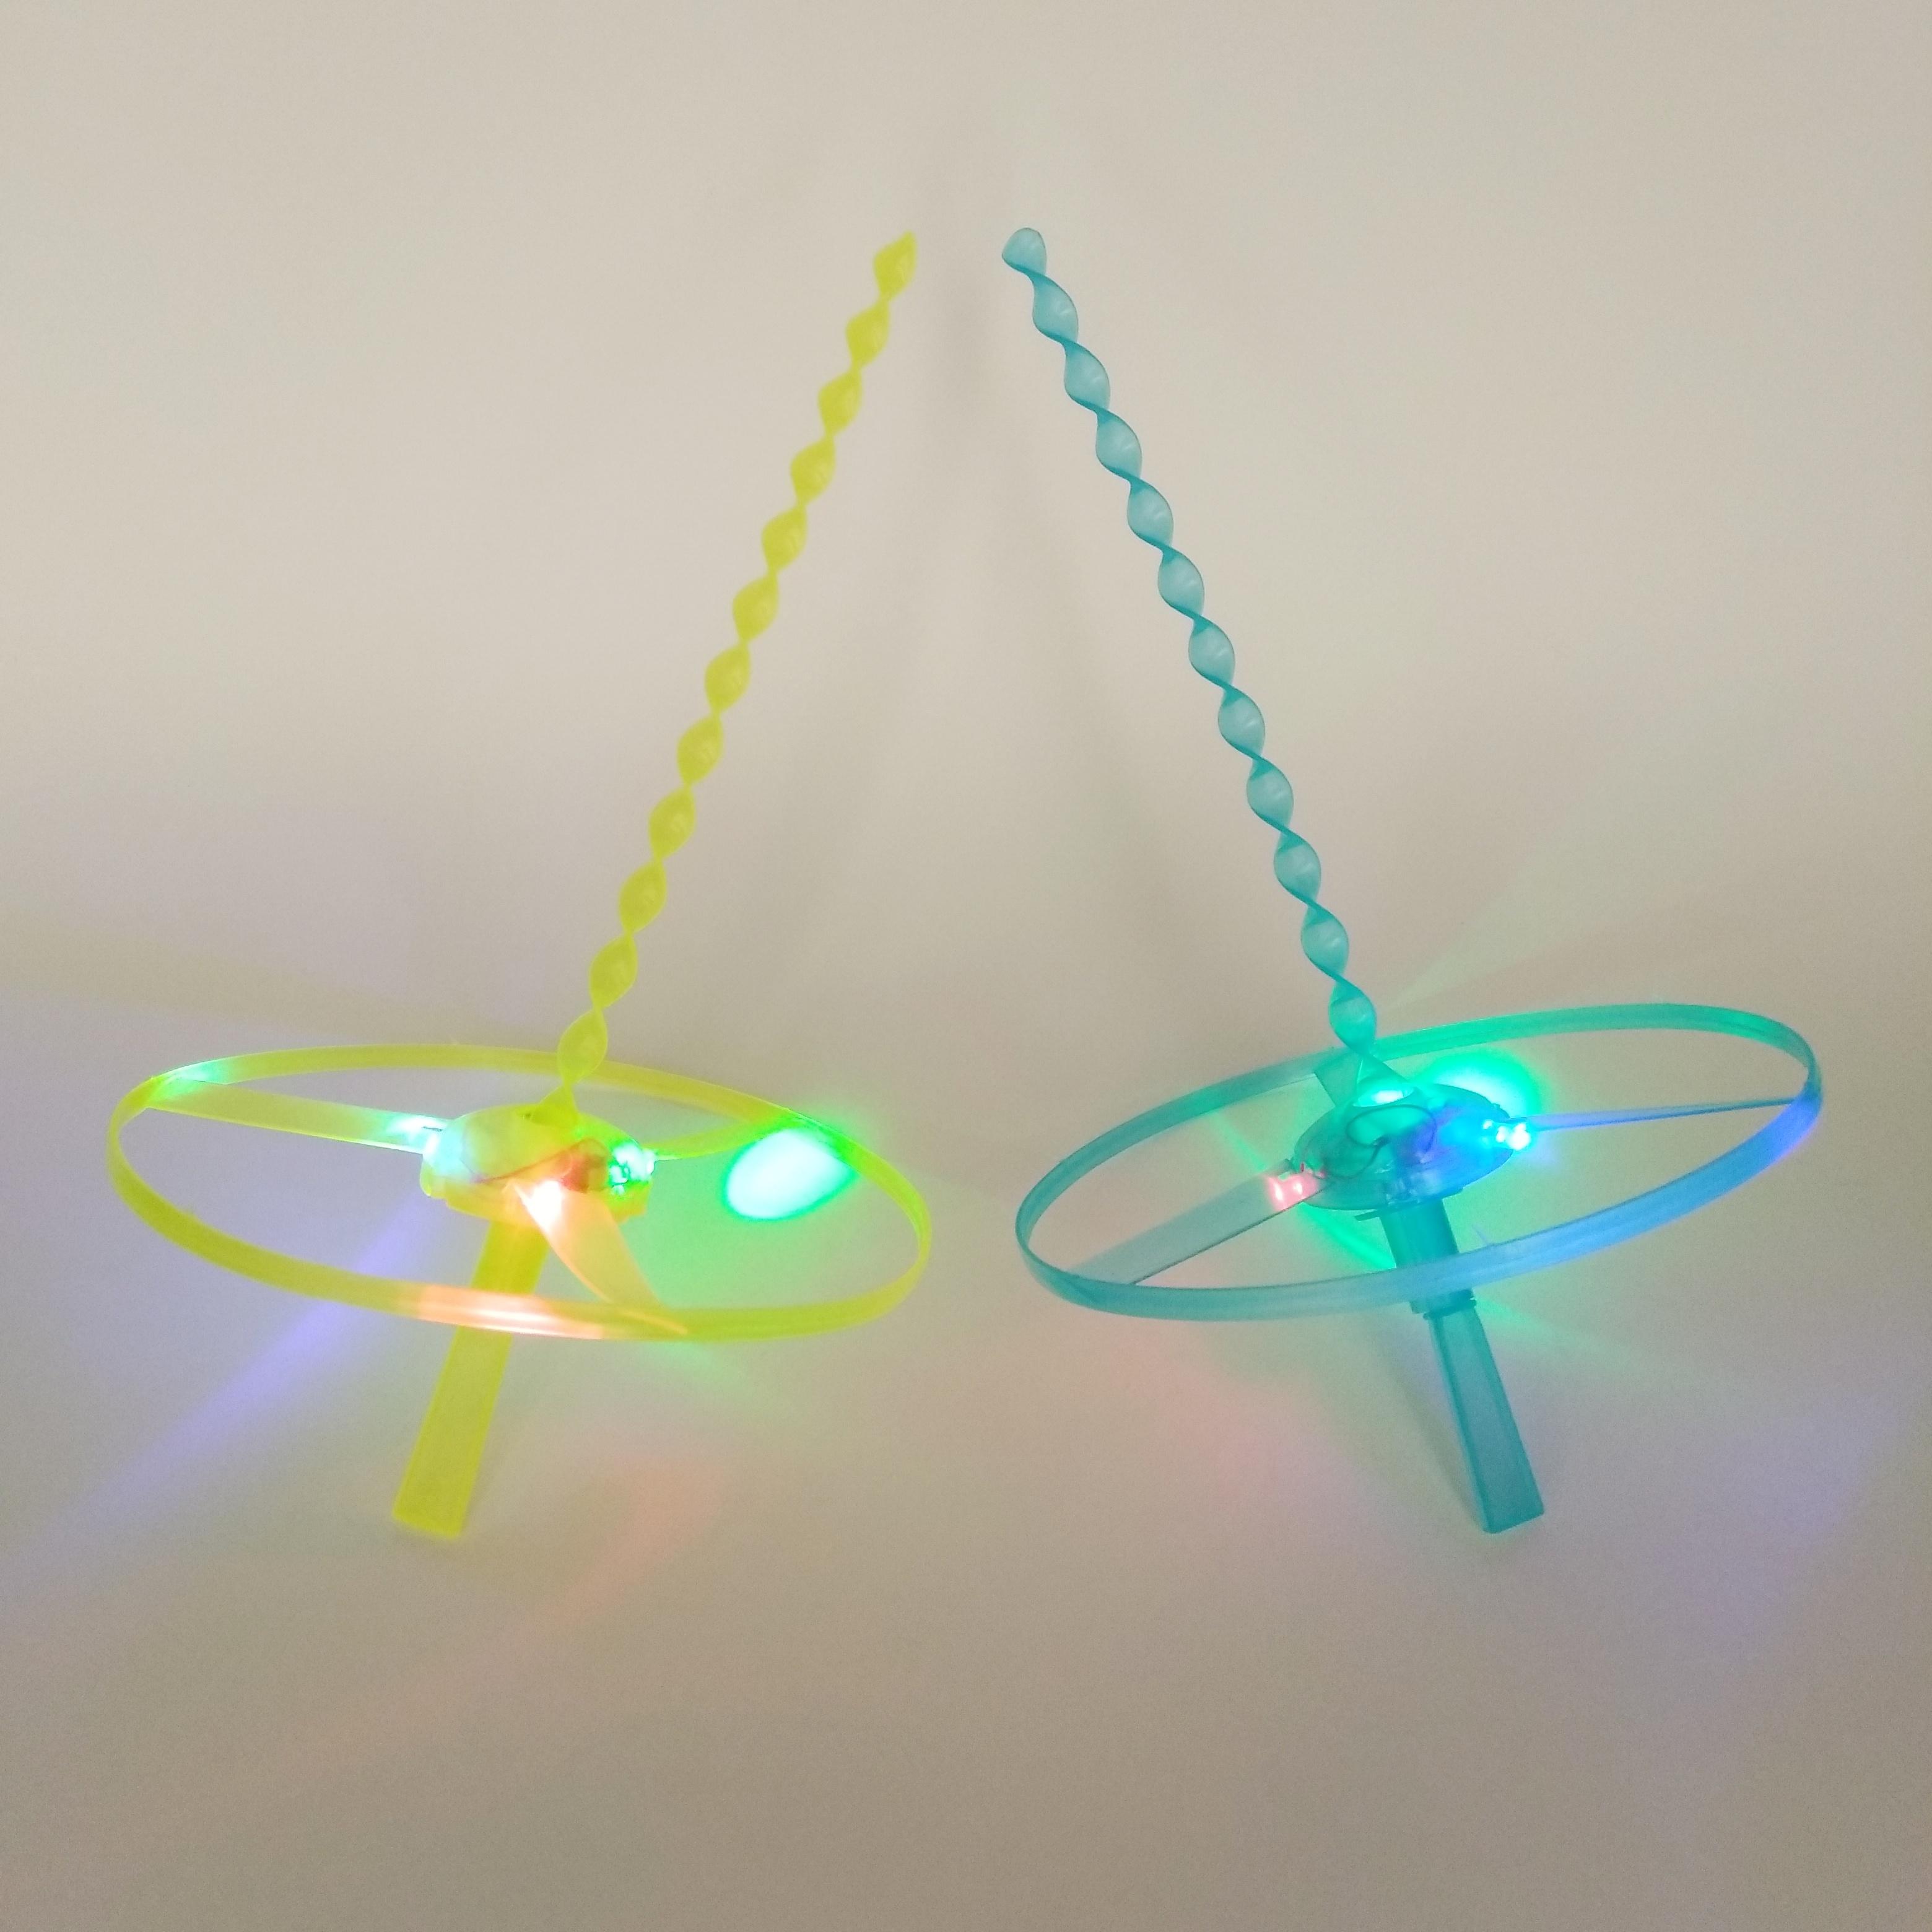 大号发光竹蜻蜓后怀旧玩具飞去来器户外闪光玩具地摊热卖货源详细照片